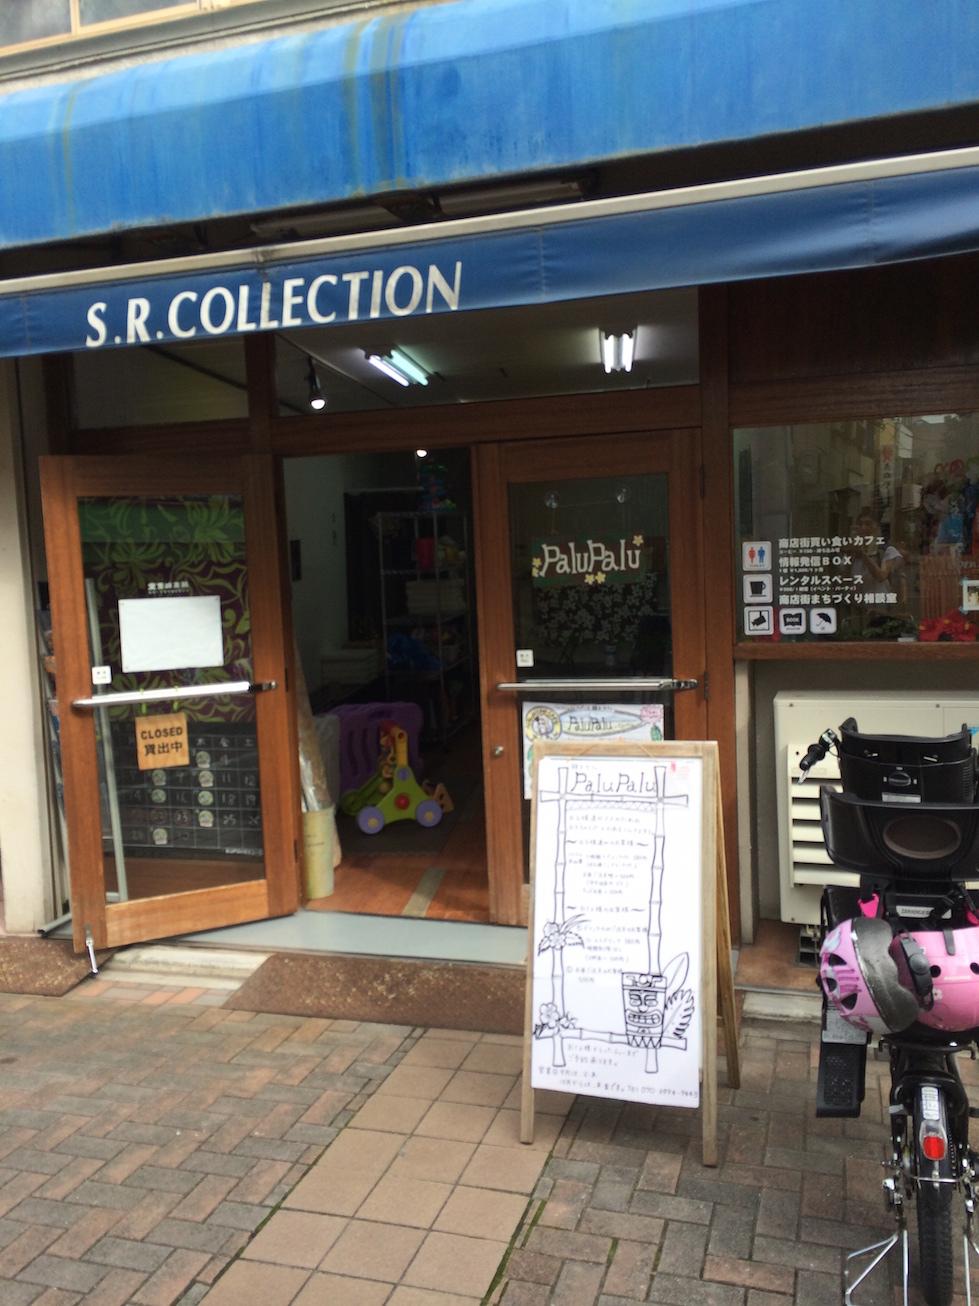 オムツ替えスペースのあるカフェありました - 親子カフェPaluPalu(パルパル)@熊野前